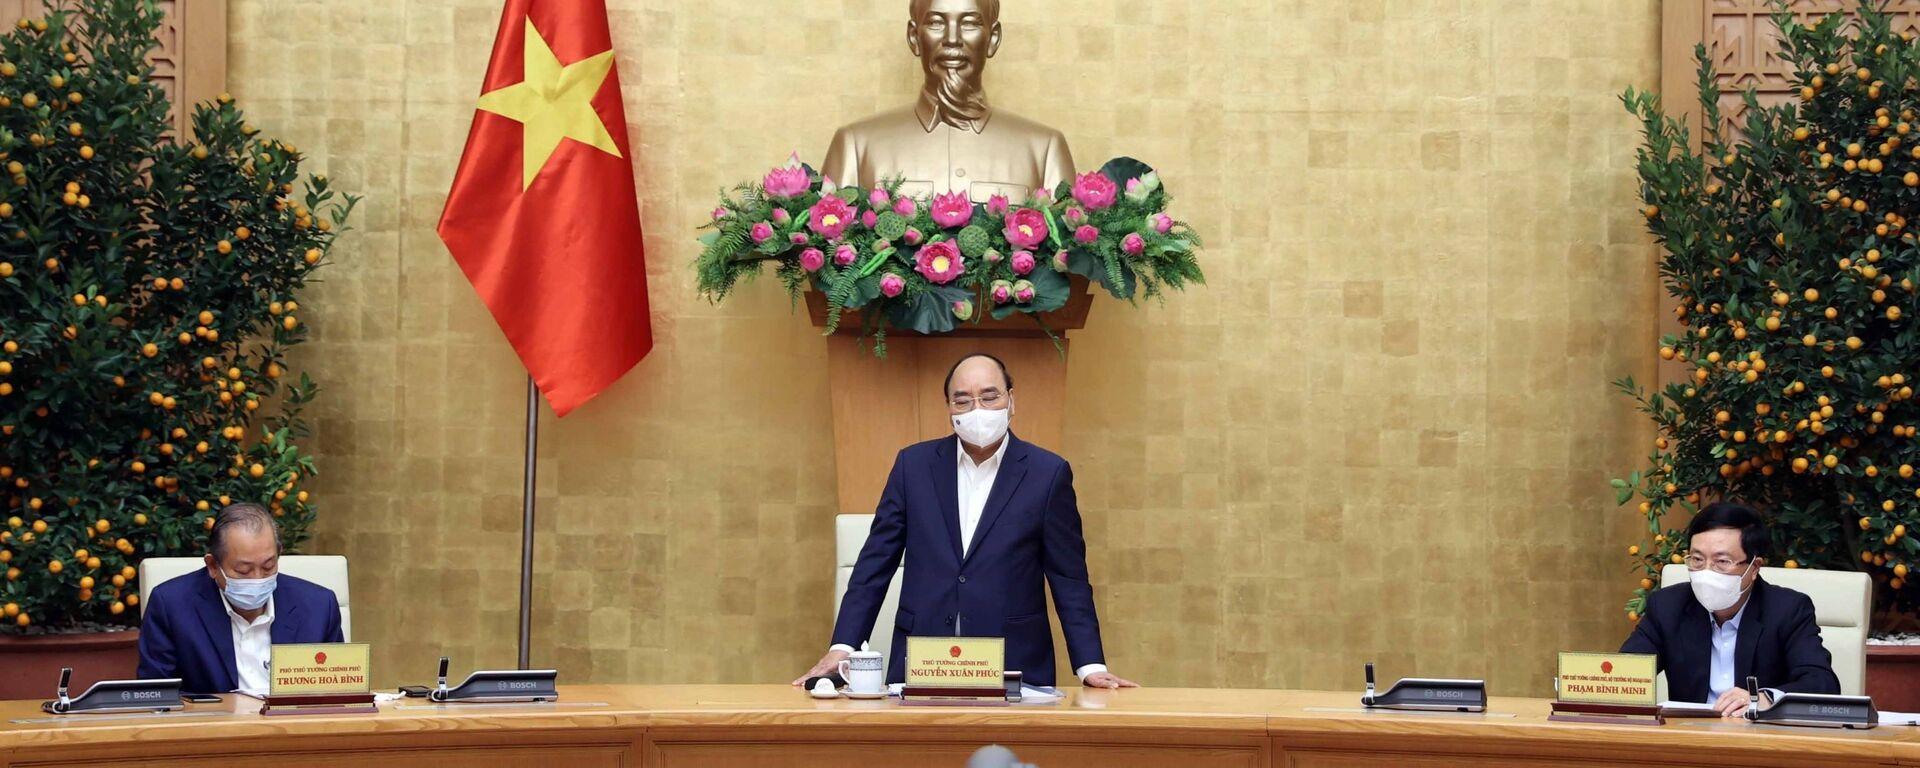 Thường trực Chính phủ họp trực tuyến với các bộ, ngành và địa phương về phòng, chống COVID - 19 - Sputnik Việt Nam, 1920, 24.02.2021